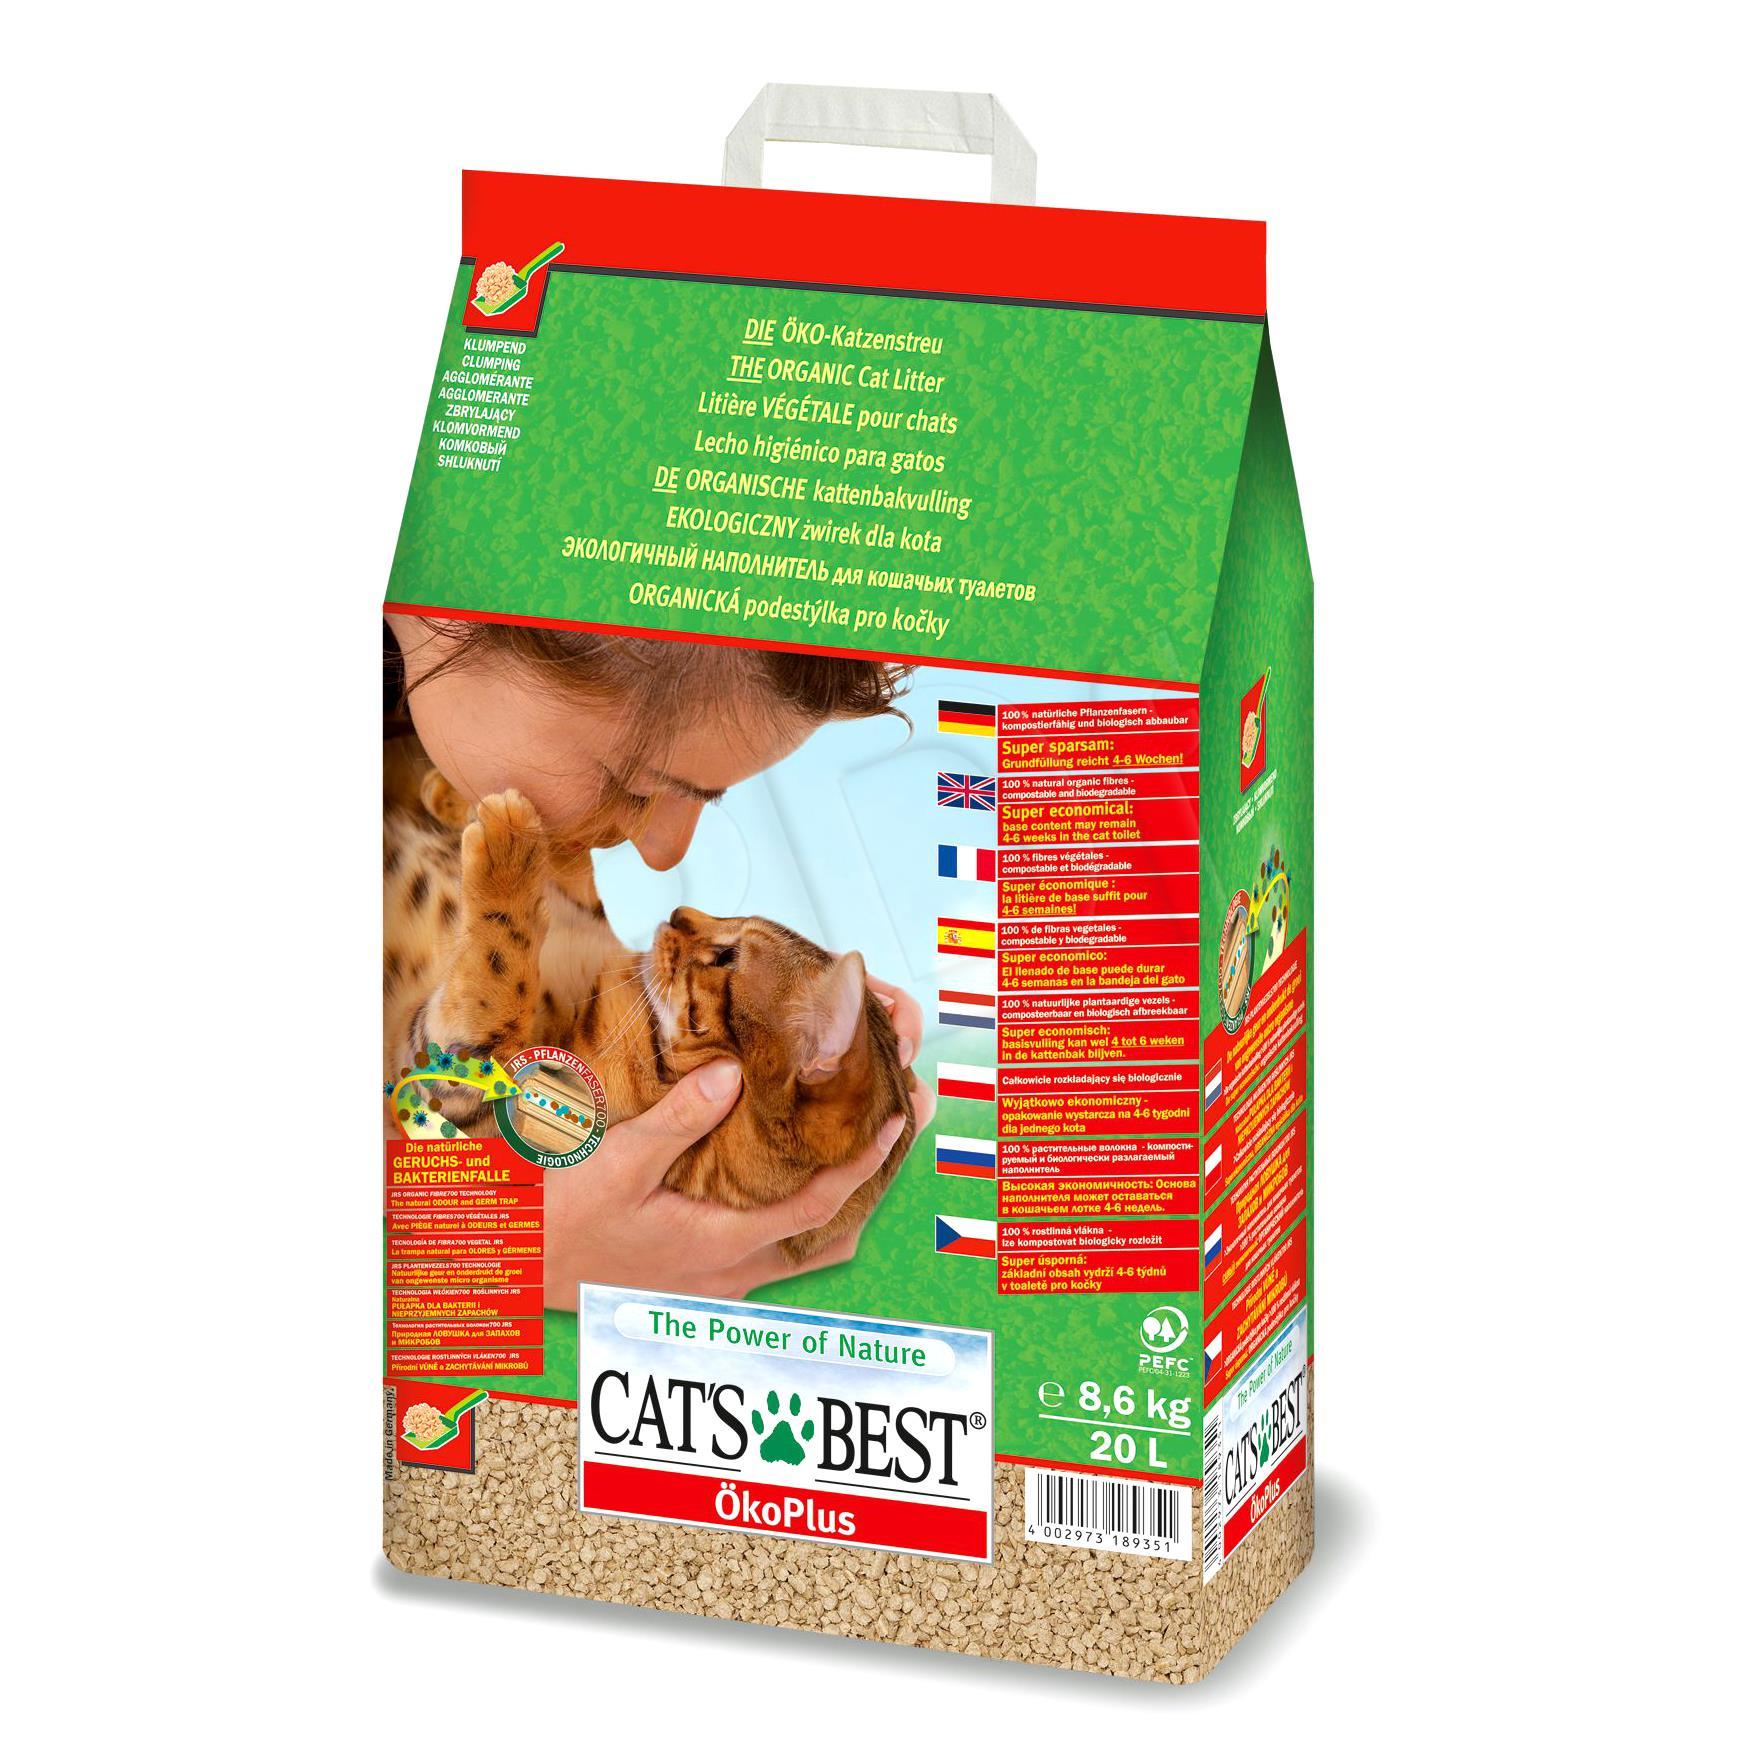 Cats Best Eco Plus 20l piederumi kaķiem